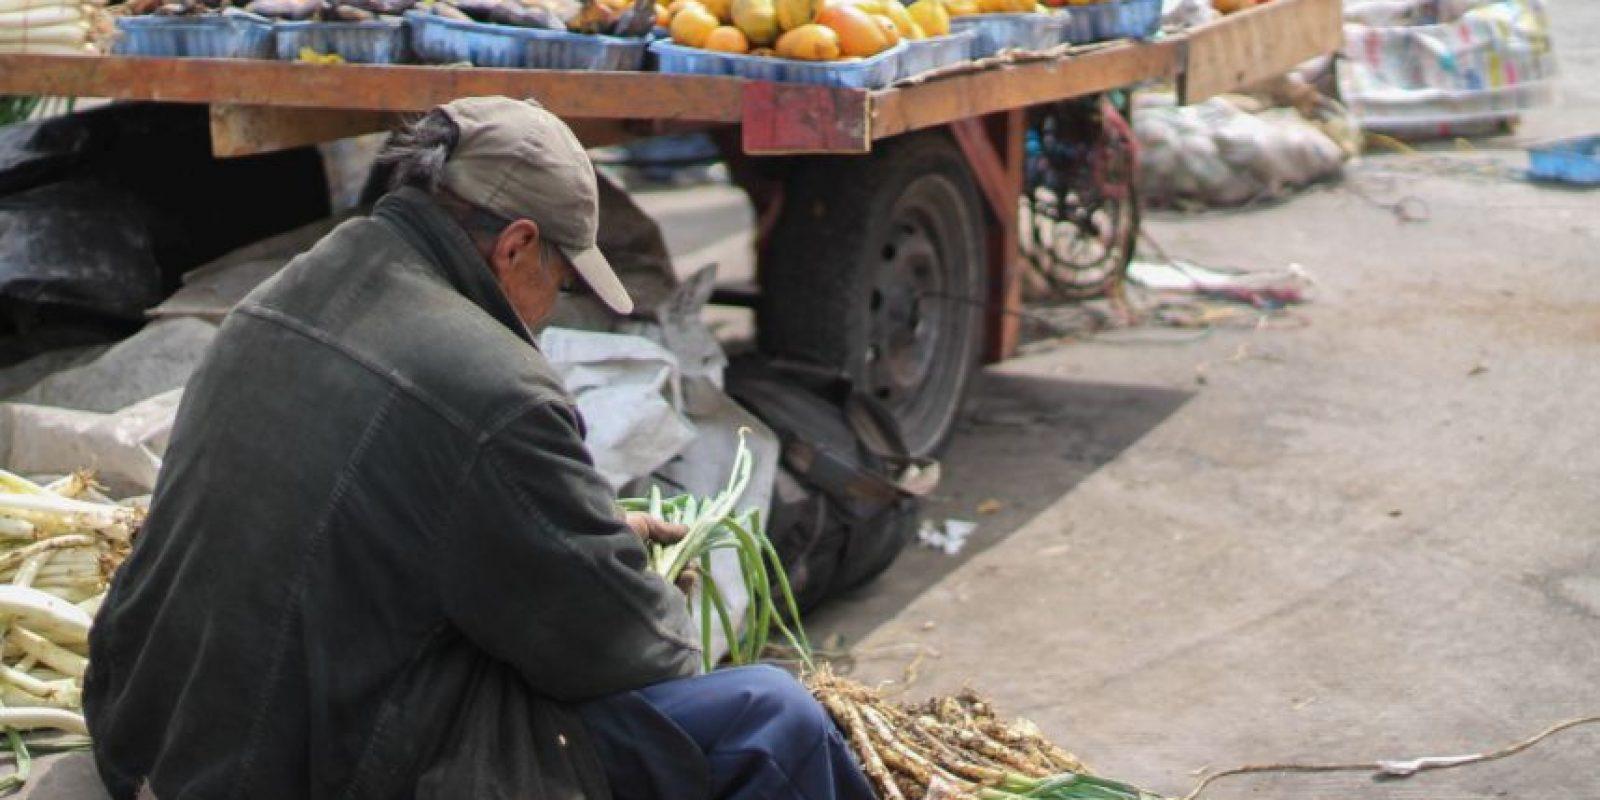 Cualquier lugar es bueno para hacer la selección de comida. Foto:Sofía Toscano-Publimetro